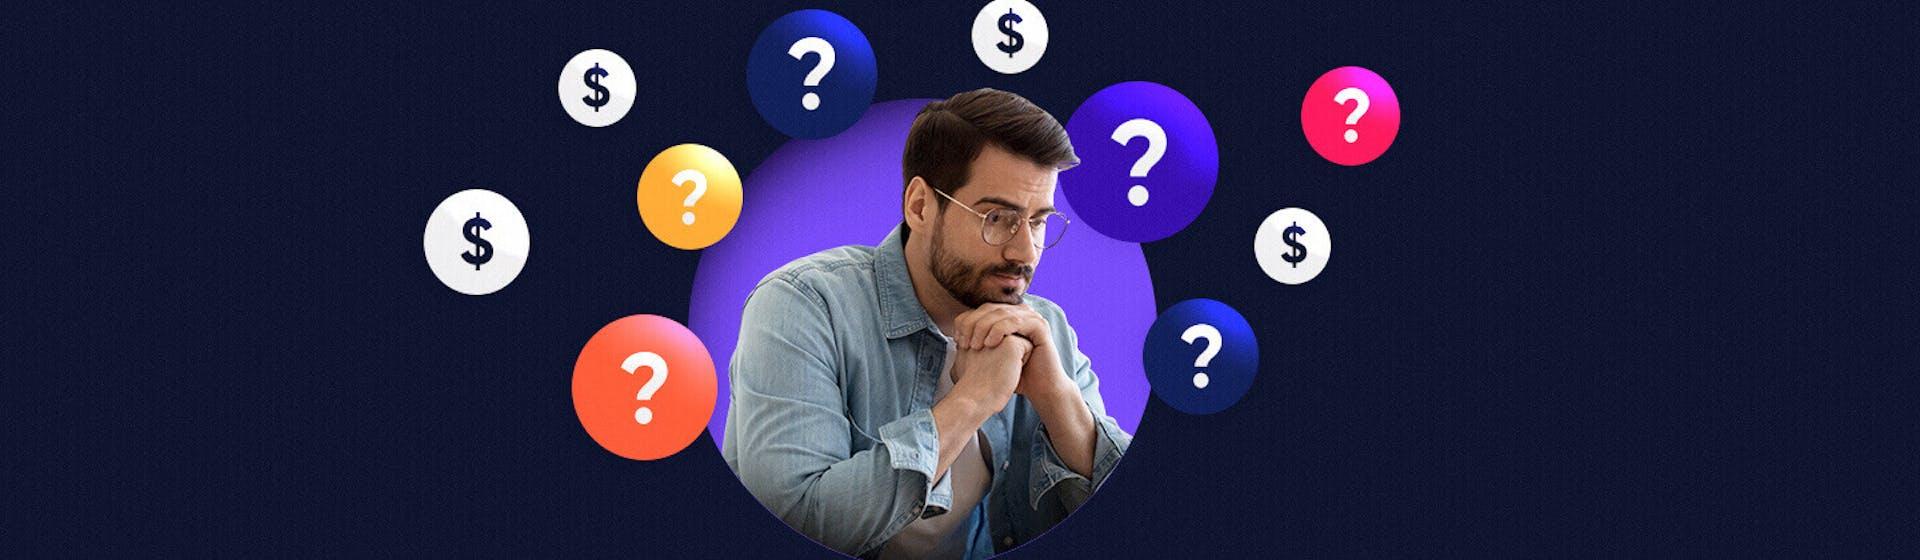 ¿Qué es un emprendedor? Descubre qué implica crear un proyecto desde cero